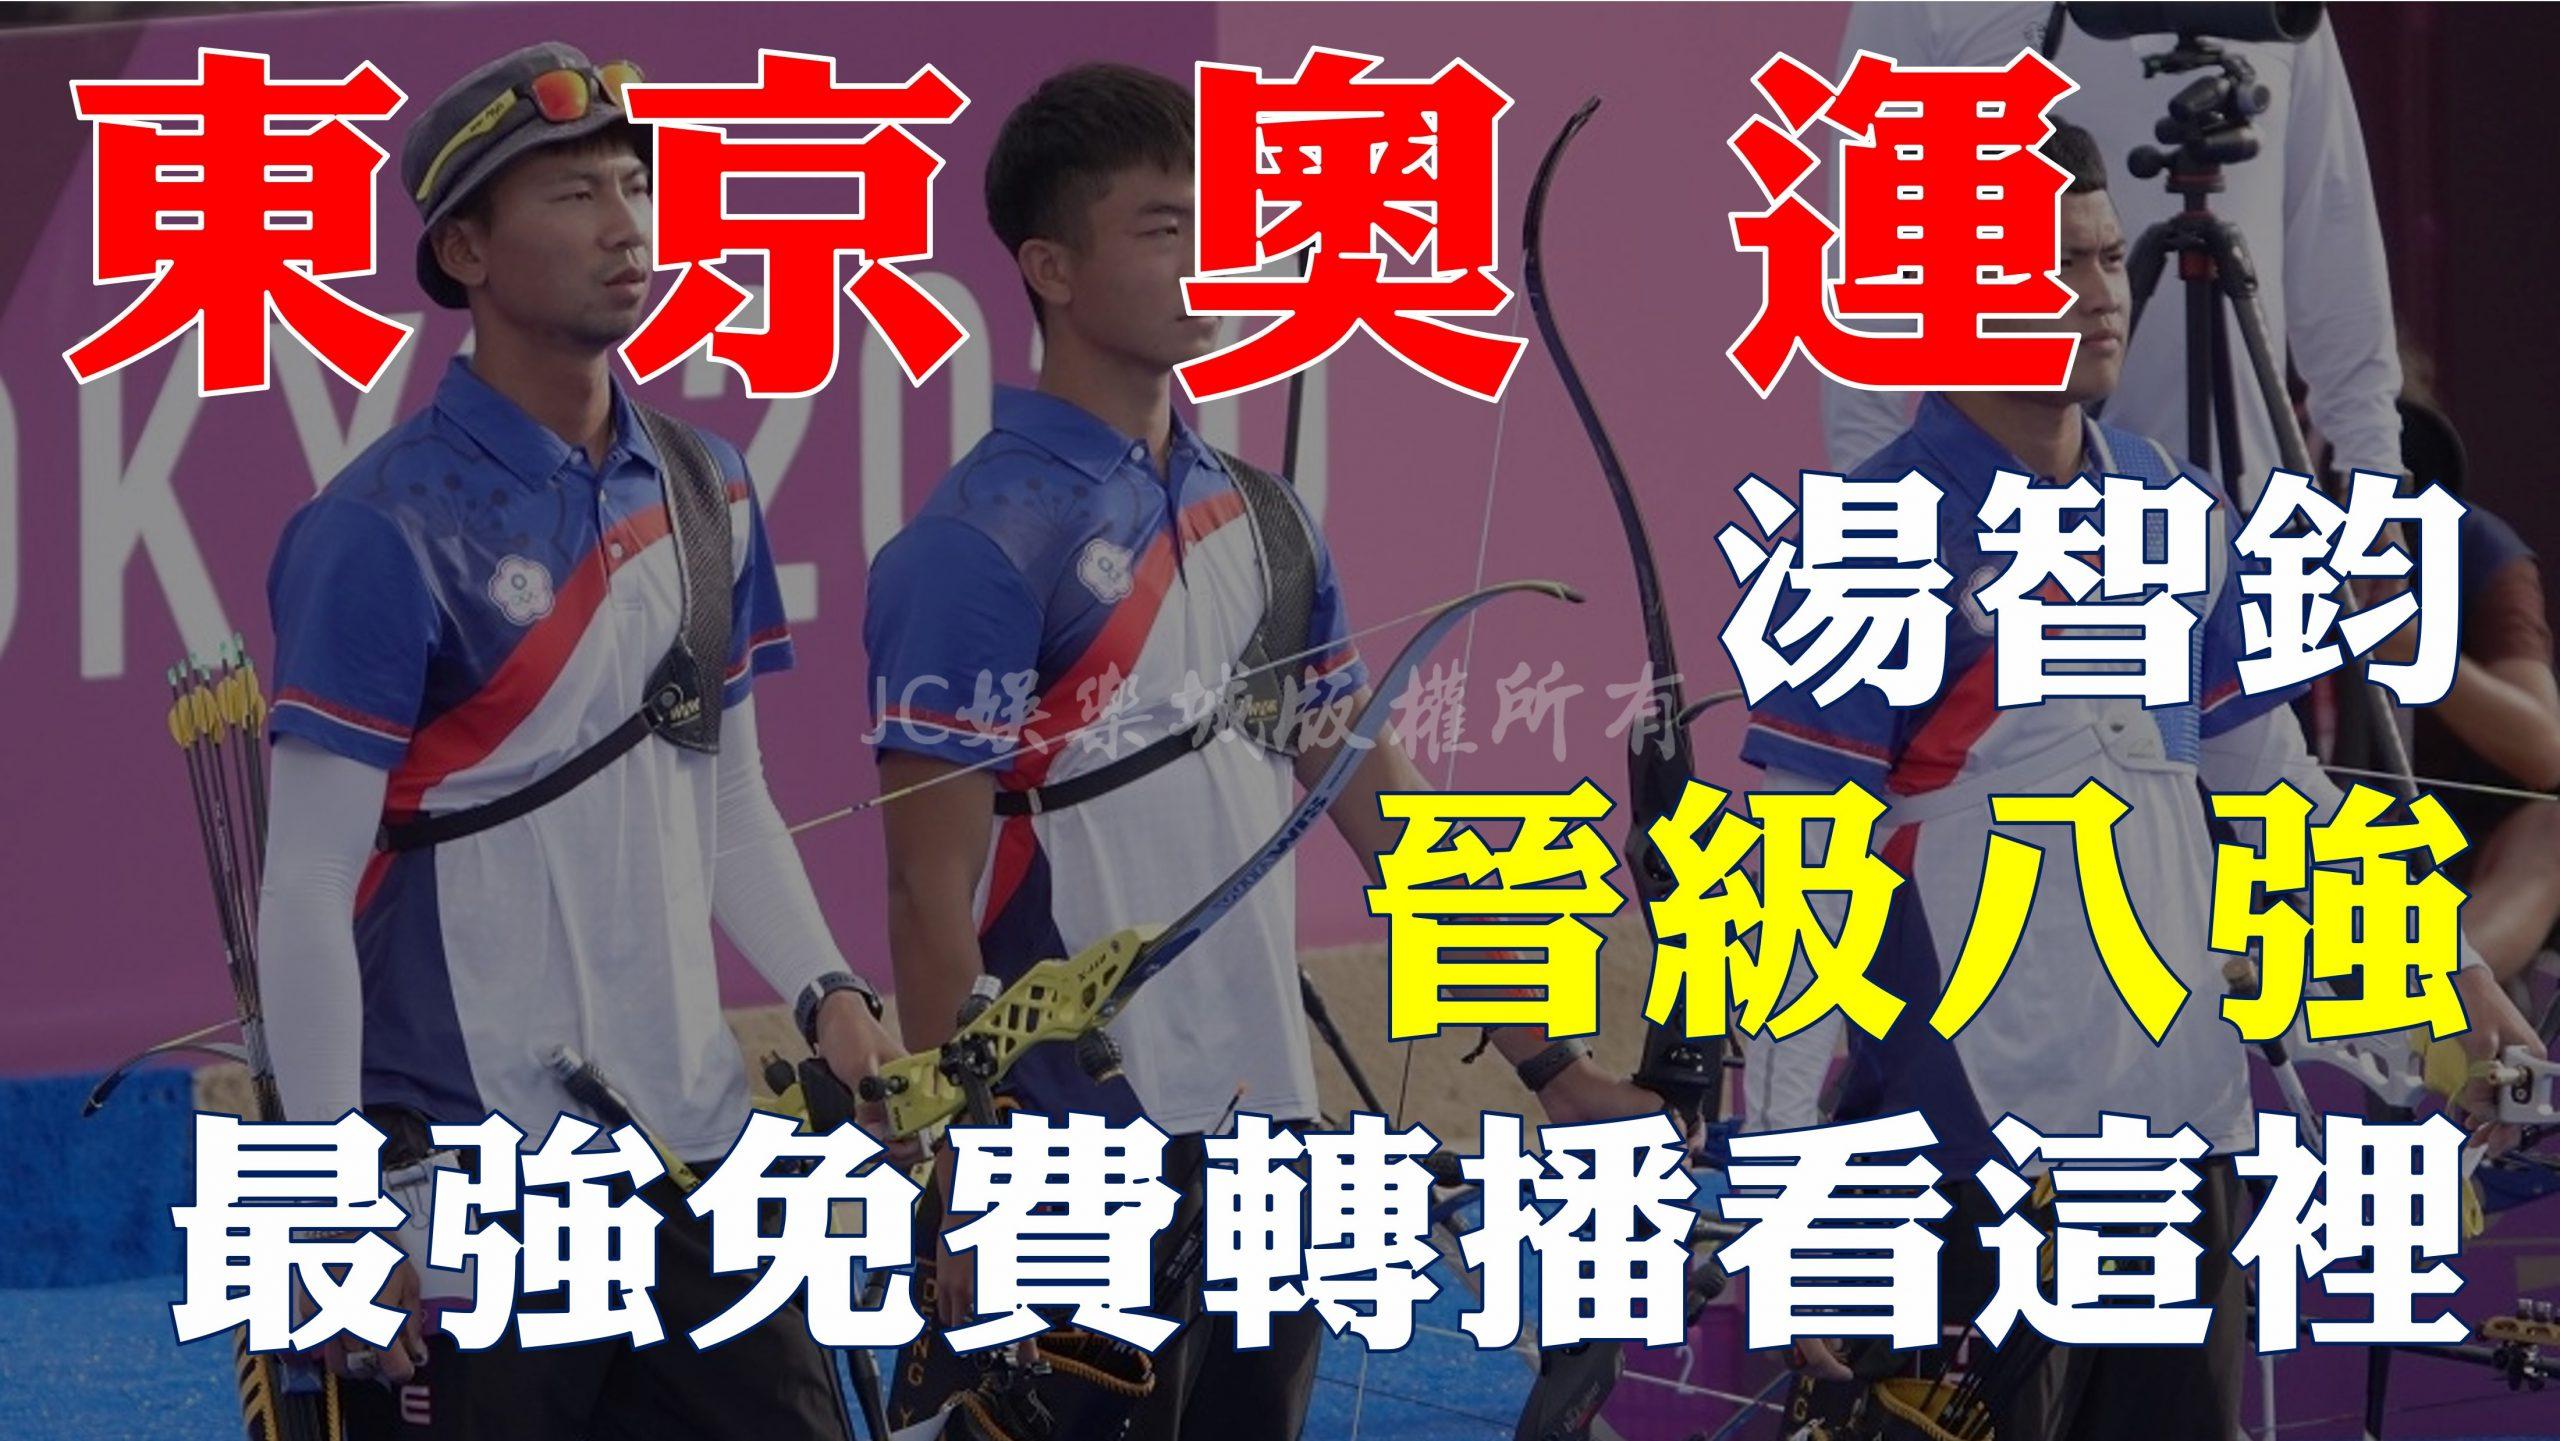 【射箭晉級8強】錯過射箭16強轉播沒關係!鎖定這平台一起支持中華隊!